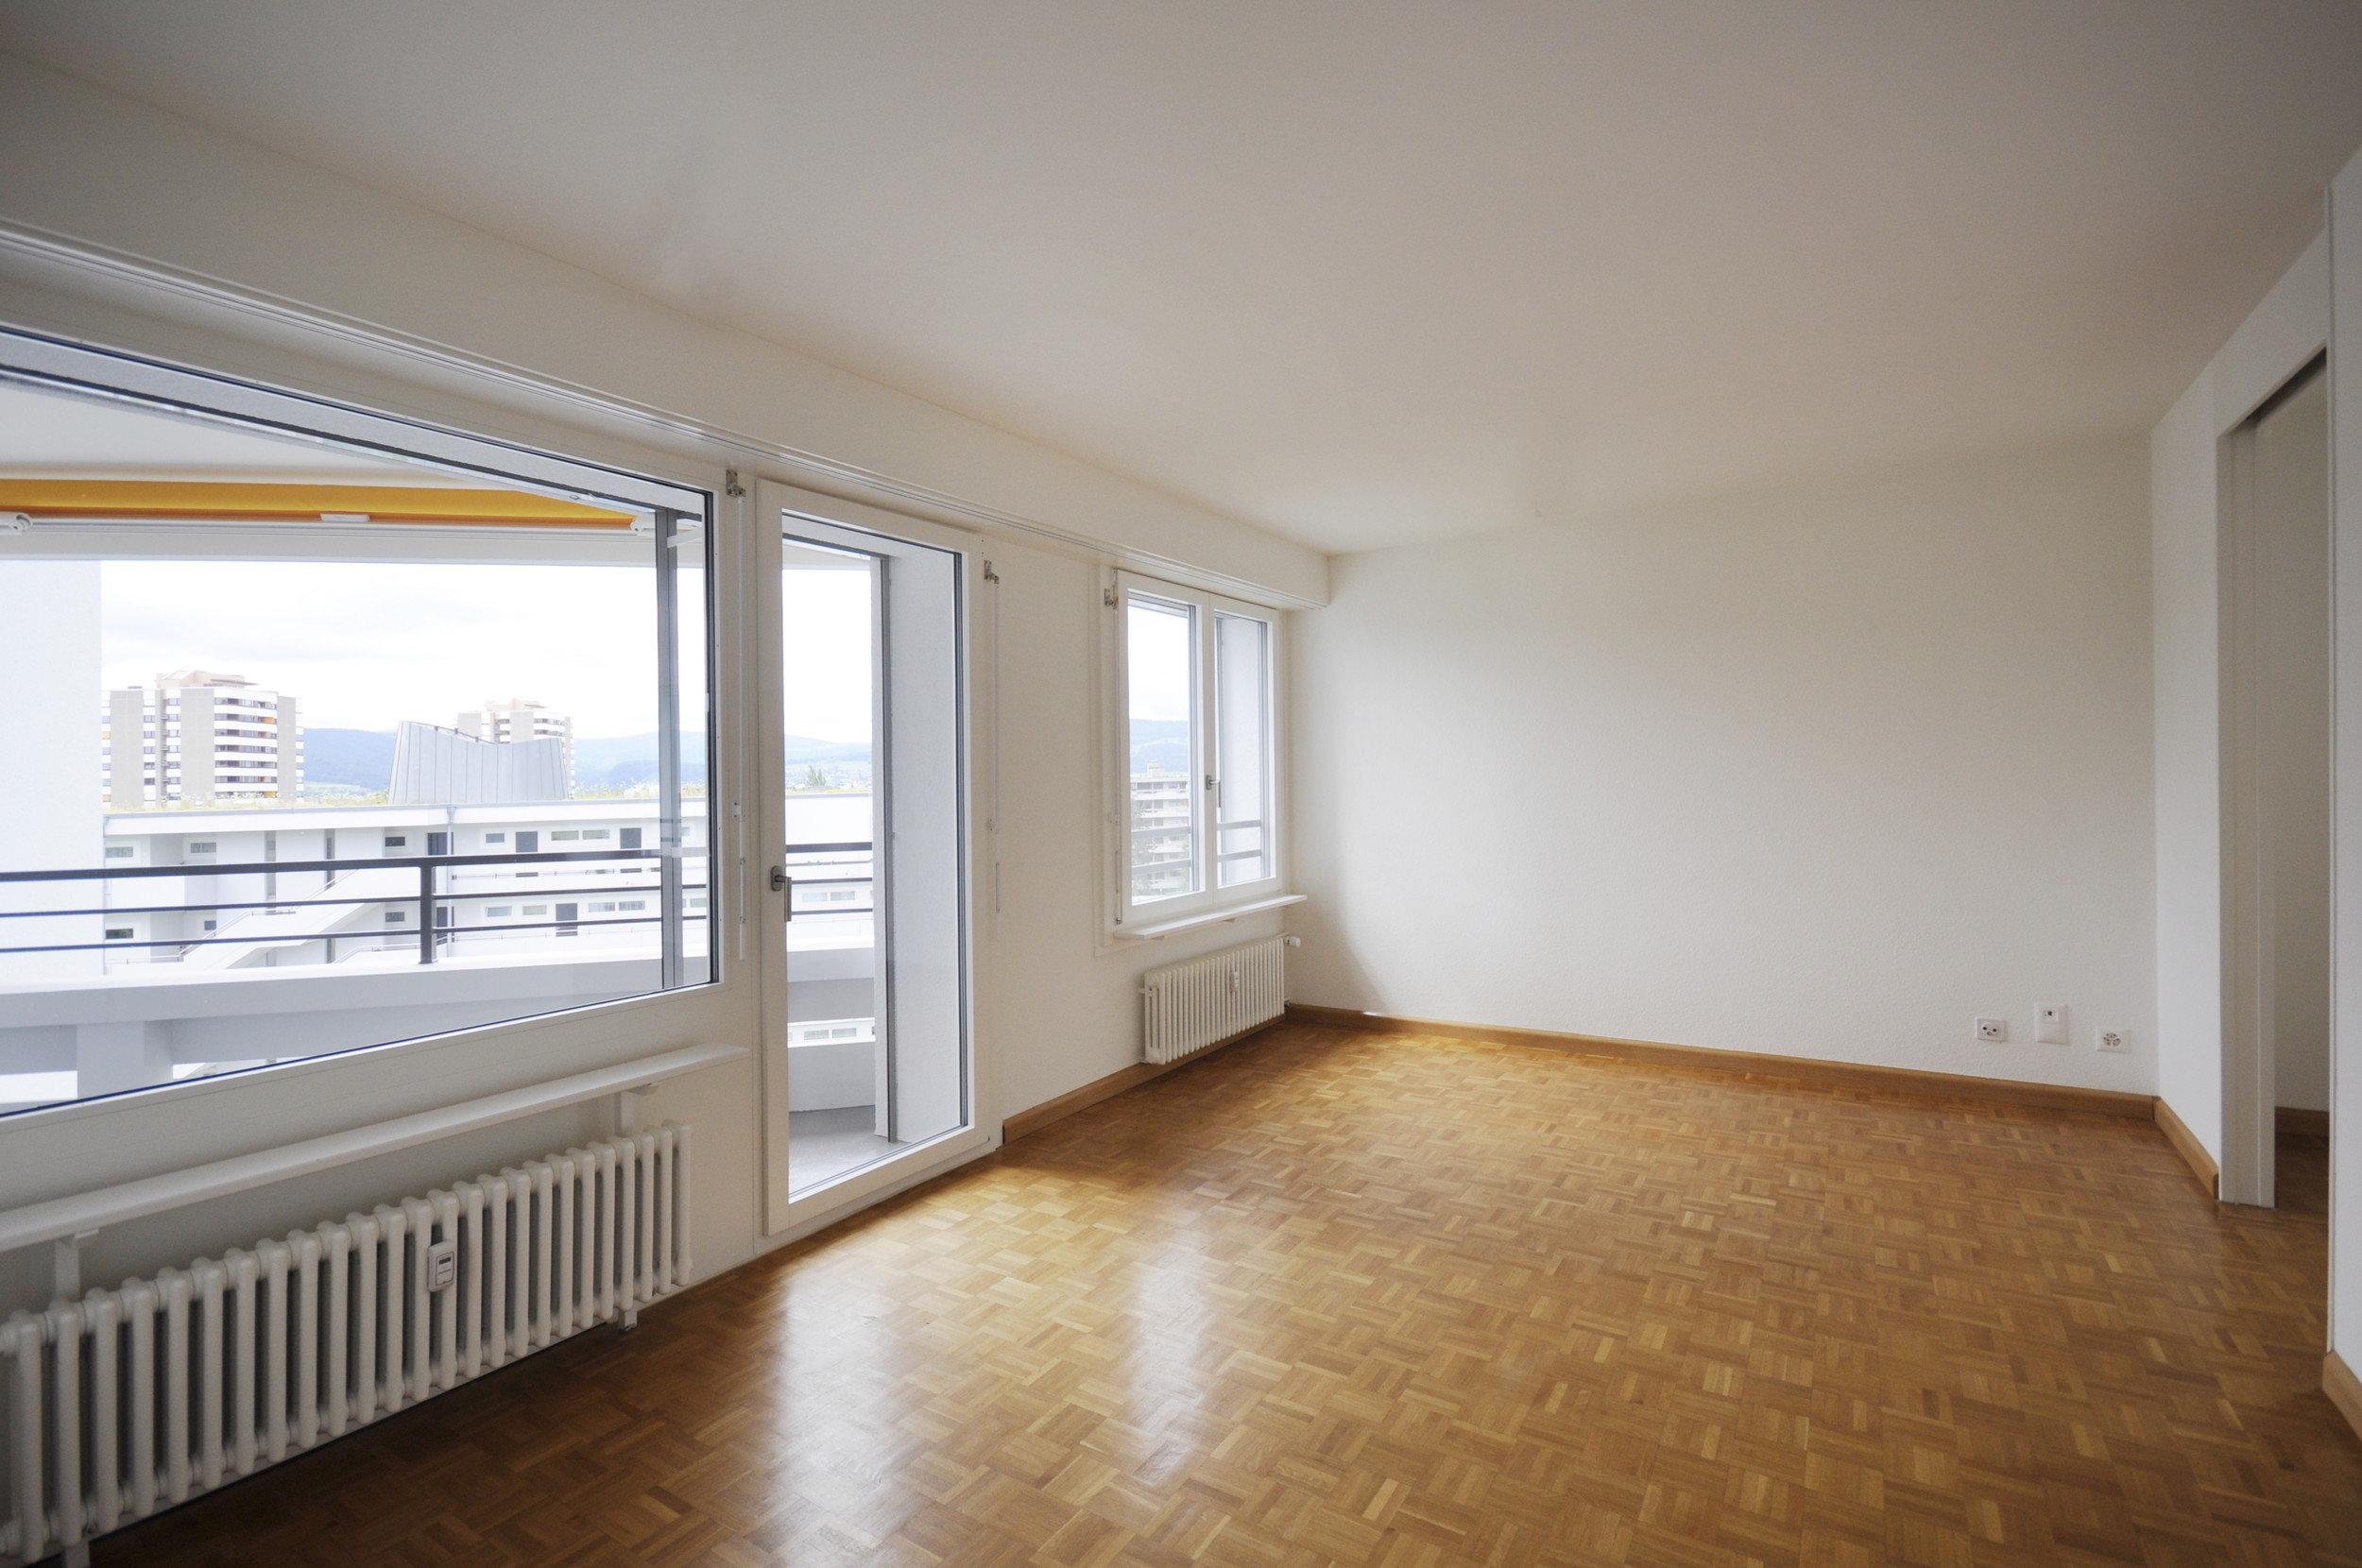 Lichtdurchfluteter Raum durch grosse Fenster und Türen